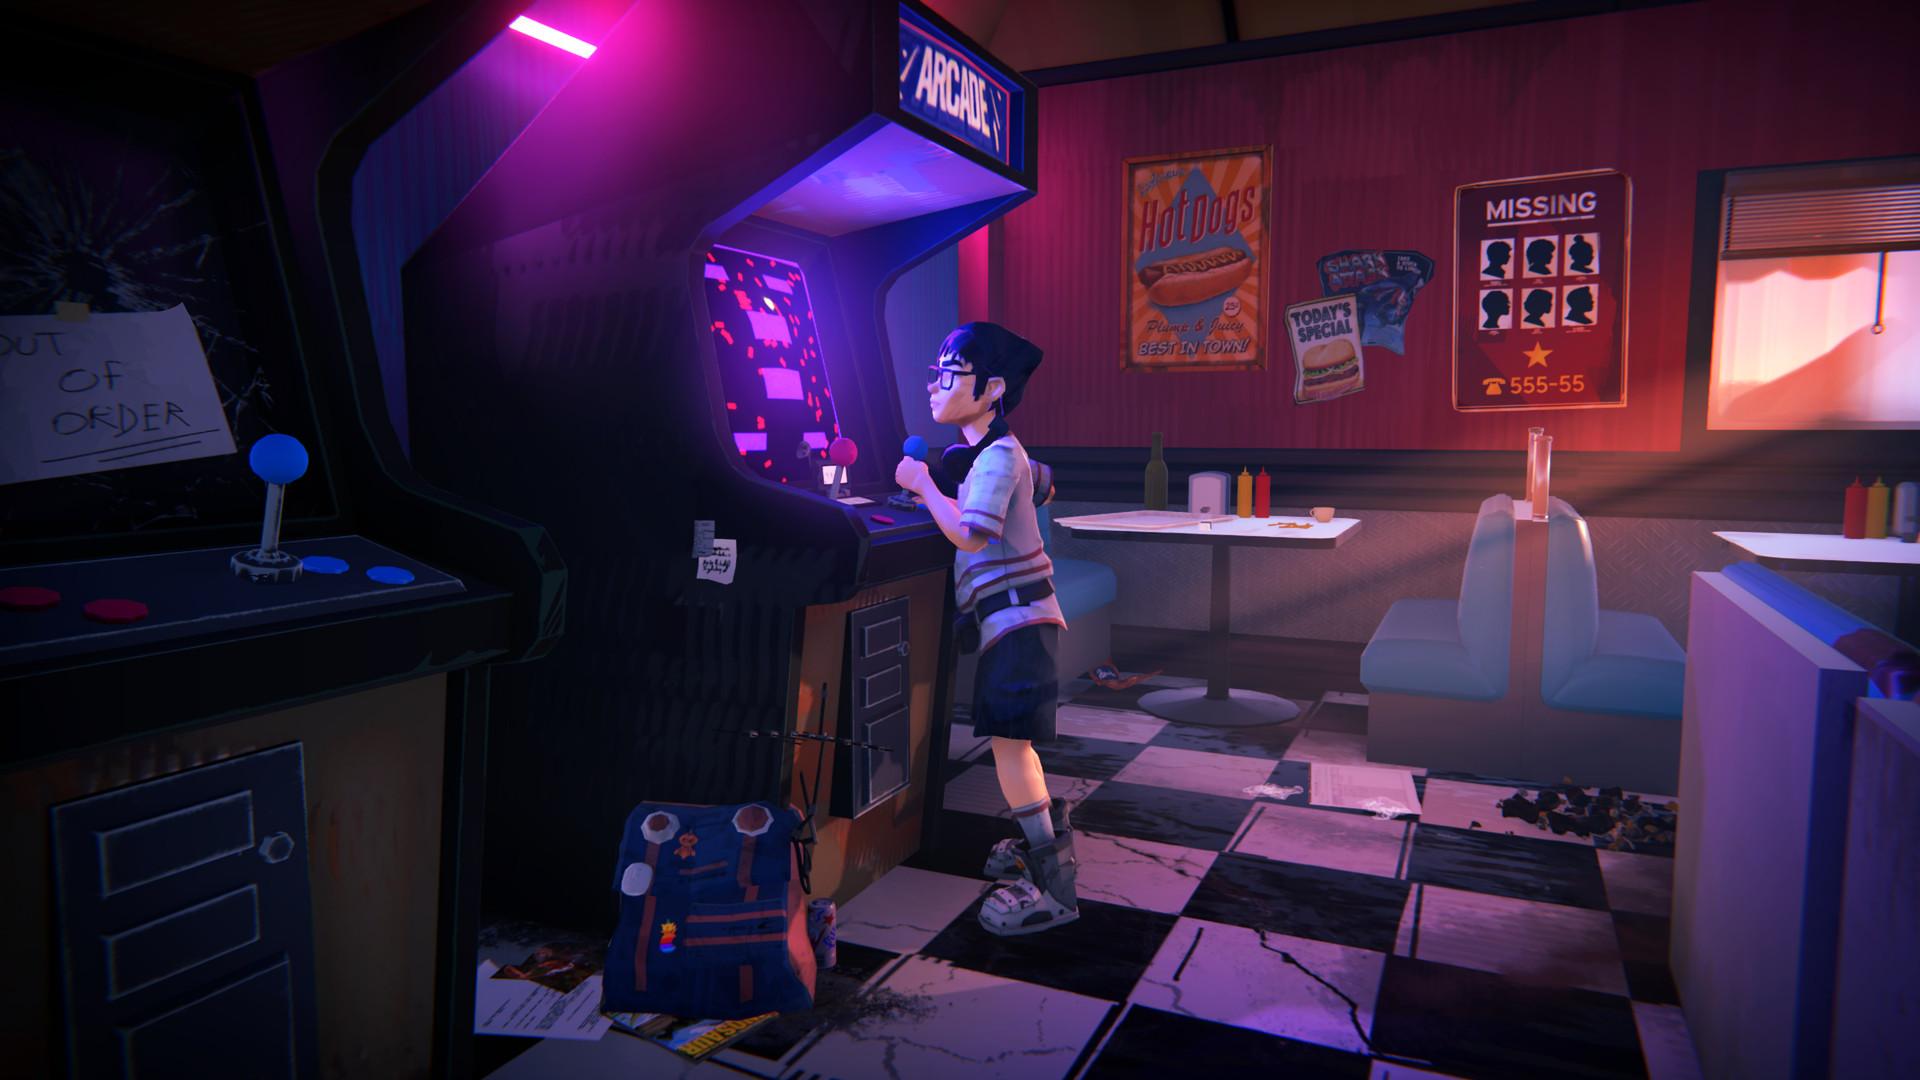 悬疑冒险游戏《九十六号公路》上架Steam 致敬经典公路电影以及剧集